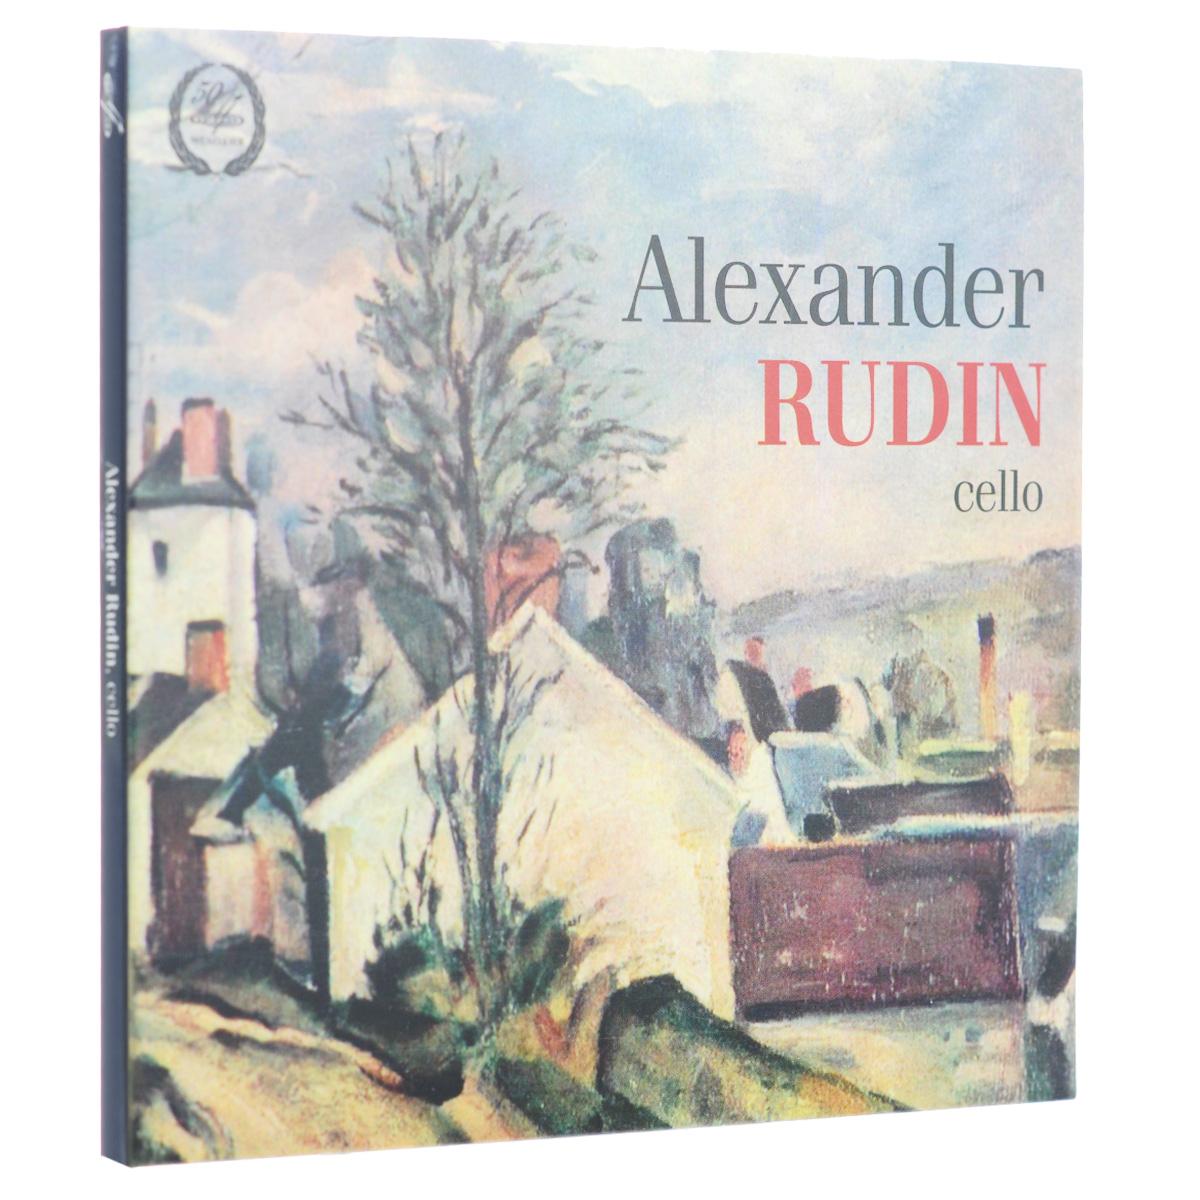 Alexander Rudin. Cello